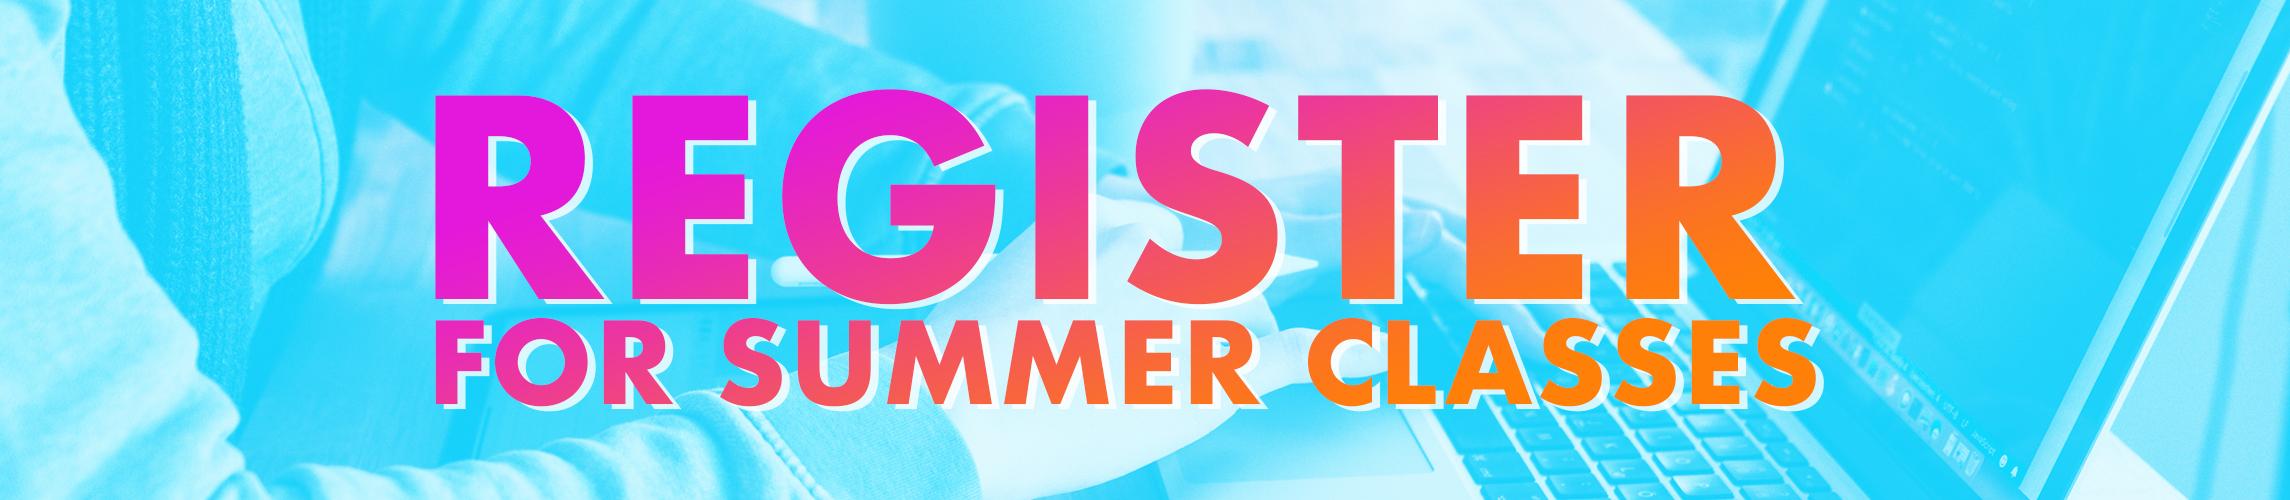 Register for Summer Landing page